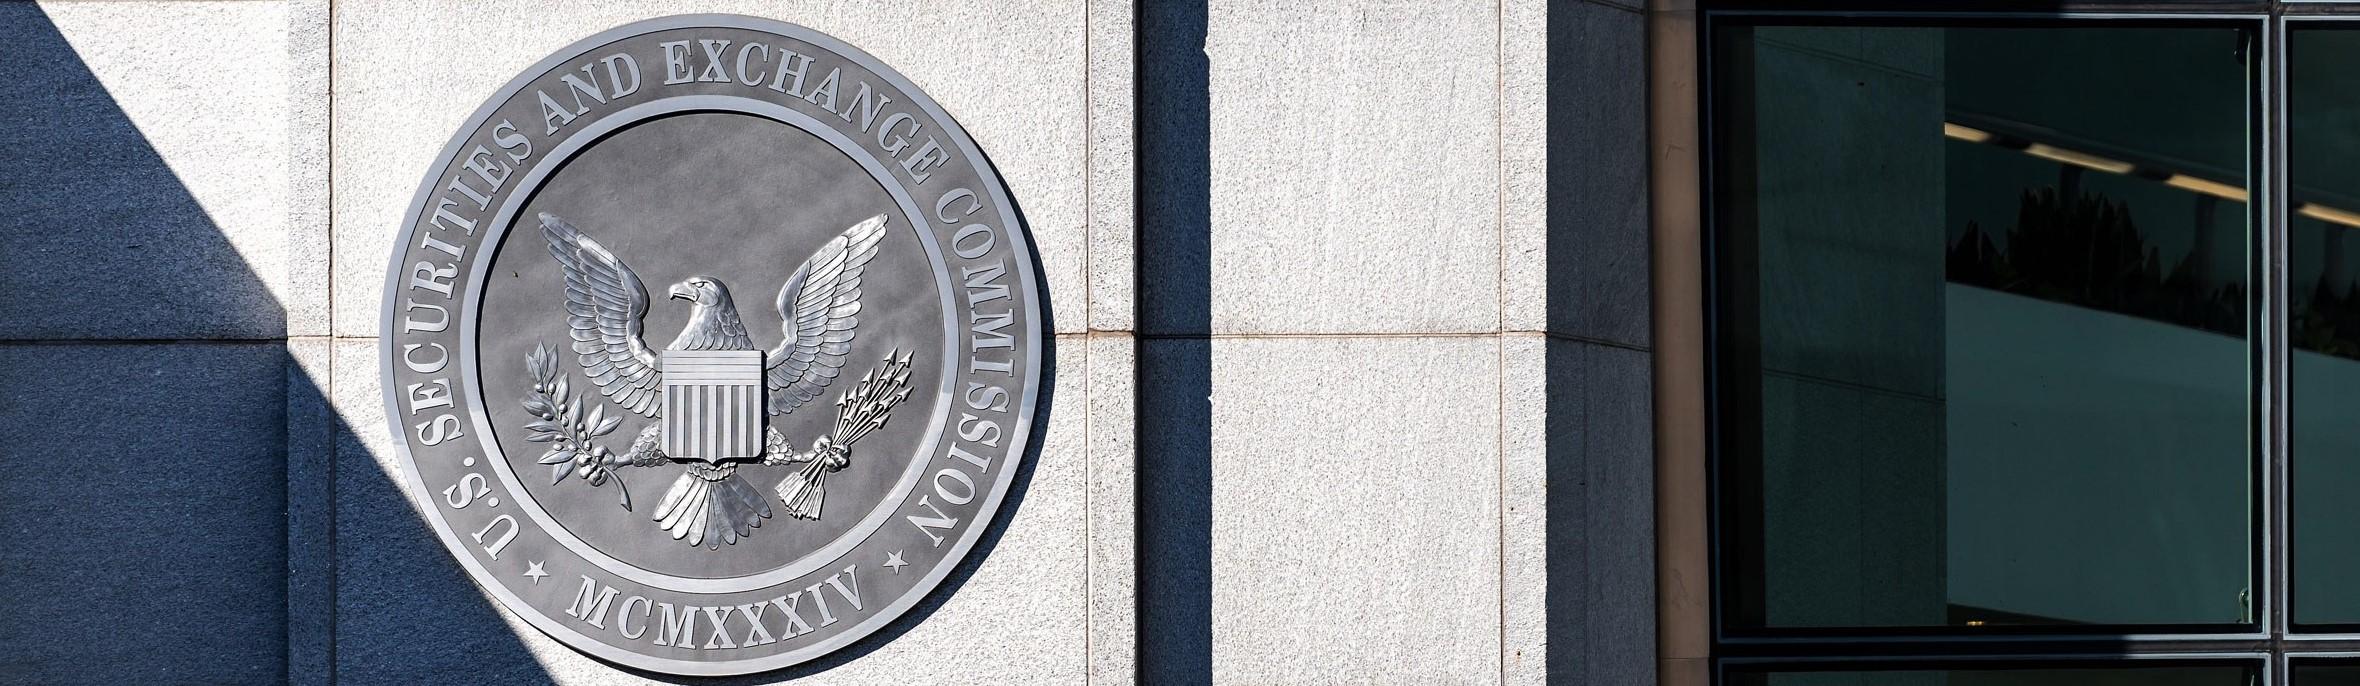 SEC хочет получить сервис для мониторинга транзакций на рынке DeFi